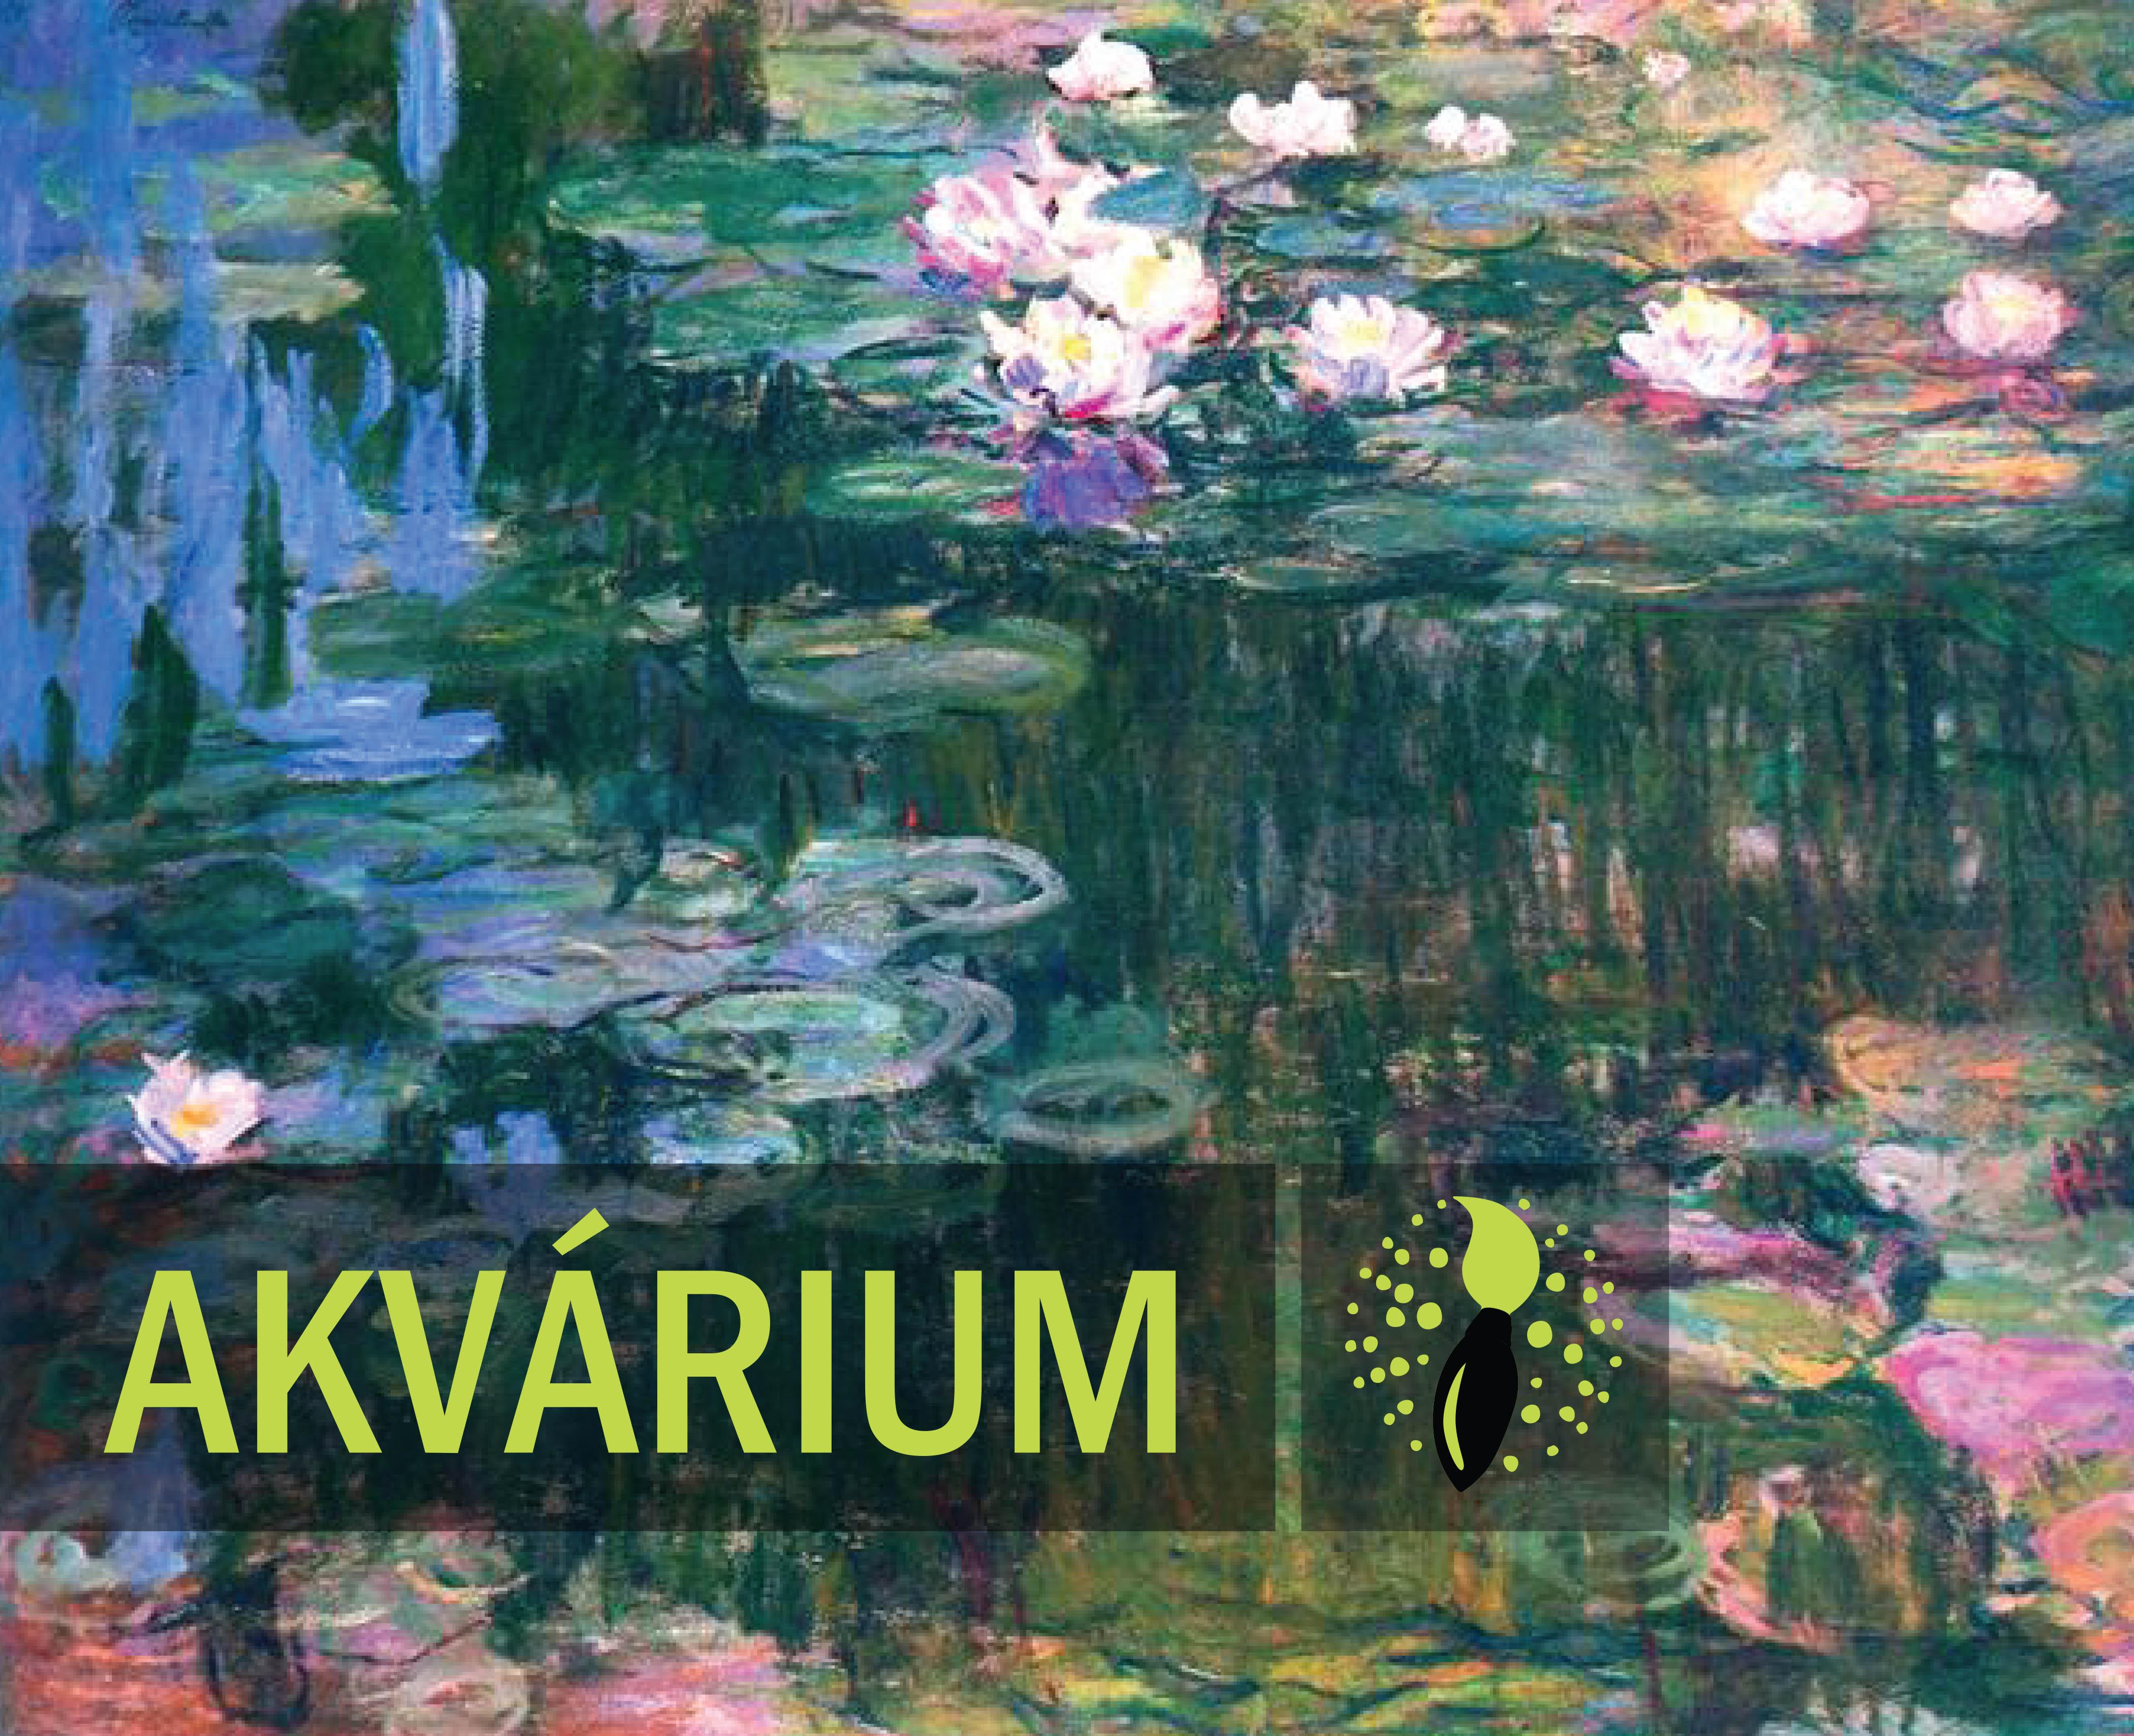 Claude Monet: Waterlillies at dawn - AQUARIUM